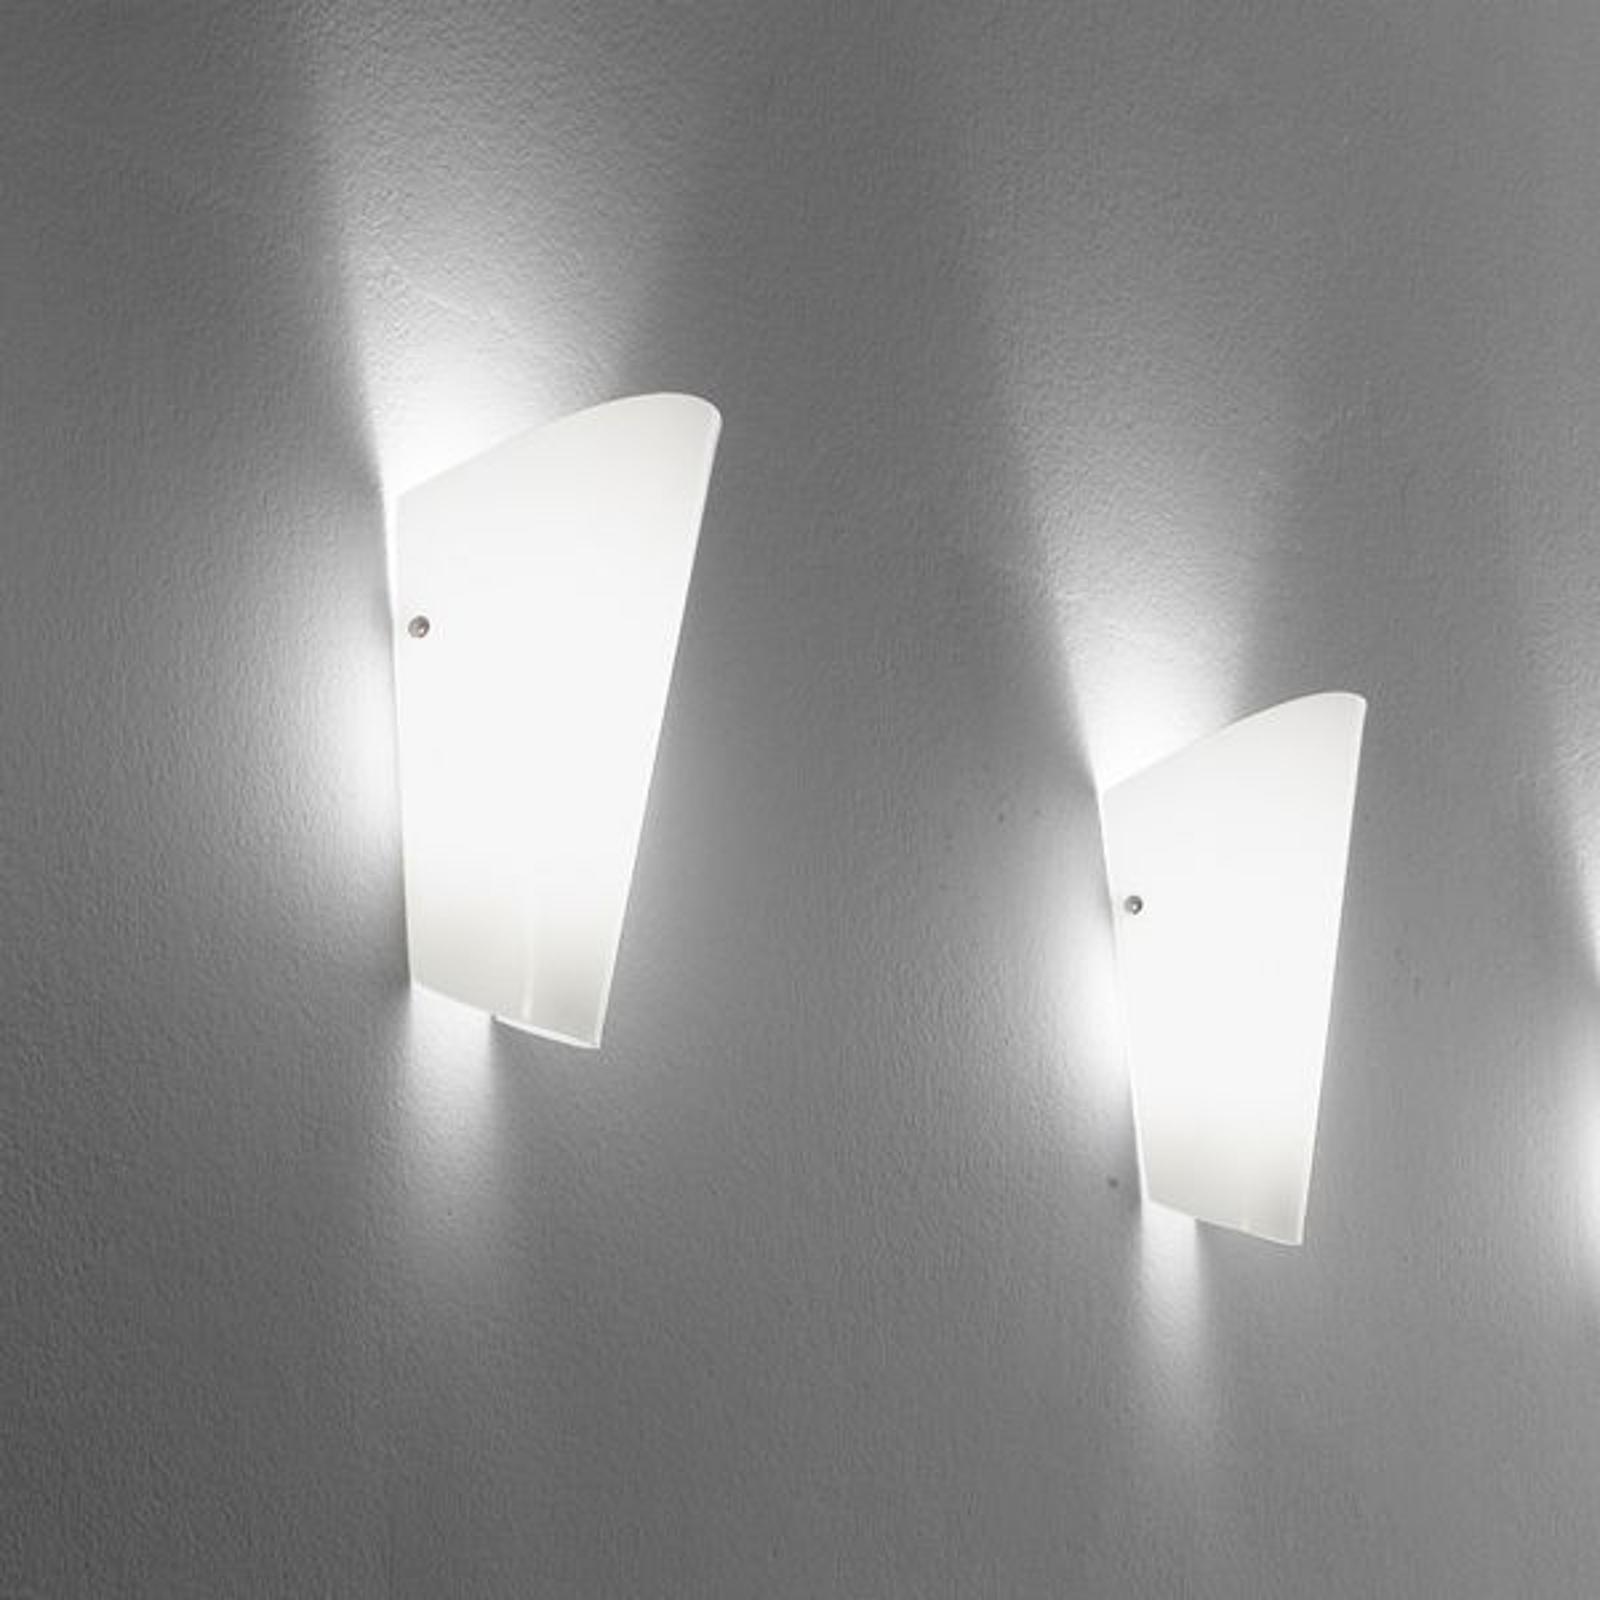 Bloom - wandlamp in 8 kleuren, zilverkleurig